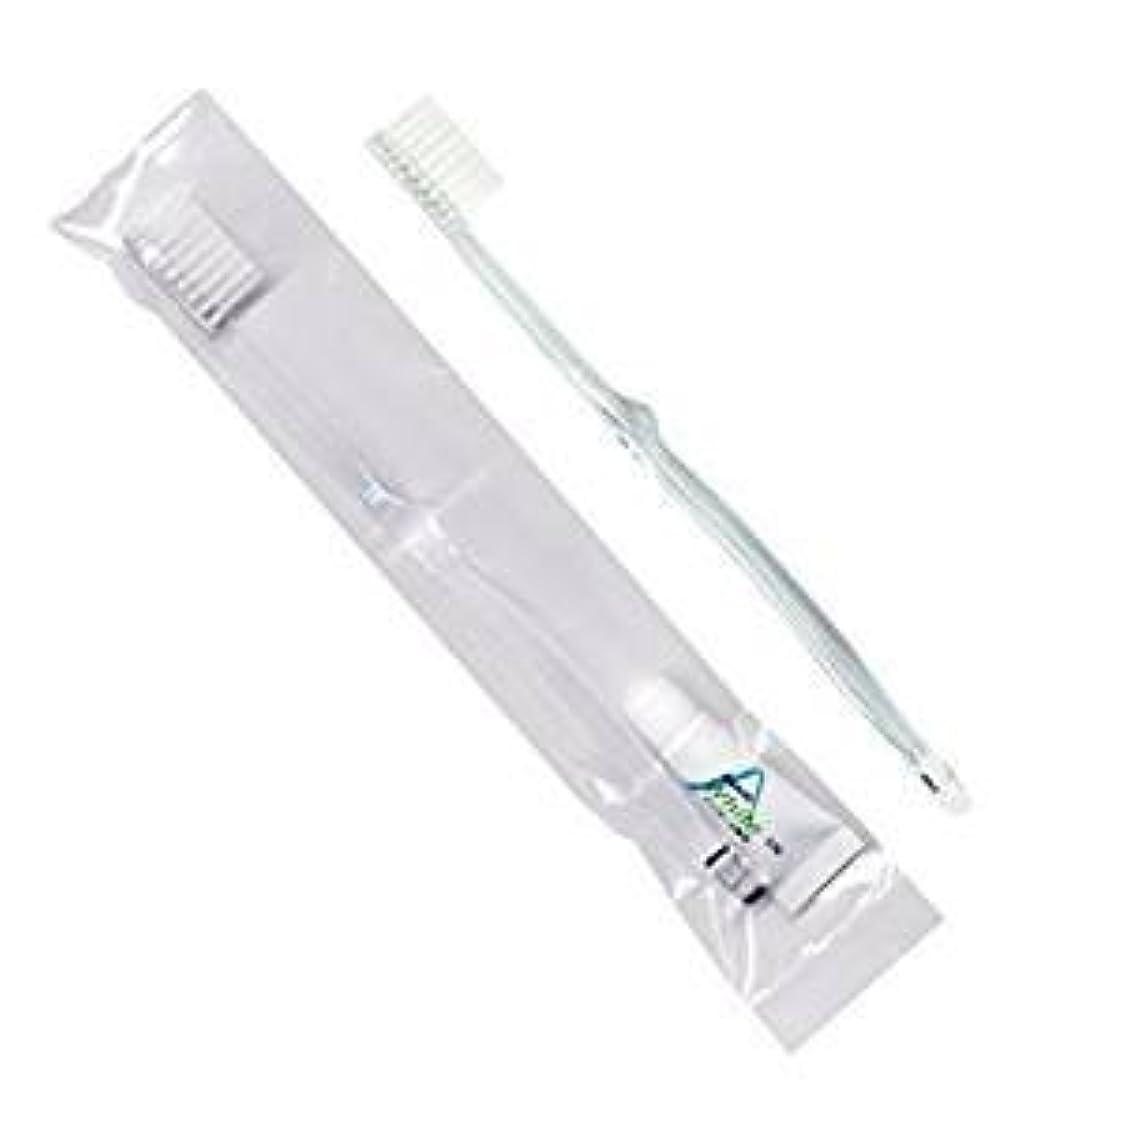 タブレット欺すずめホテル業務用歯ブラシ28穴(クリア)3.5gチューブ OP袋Sタイプ 50本